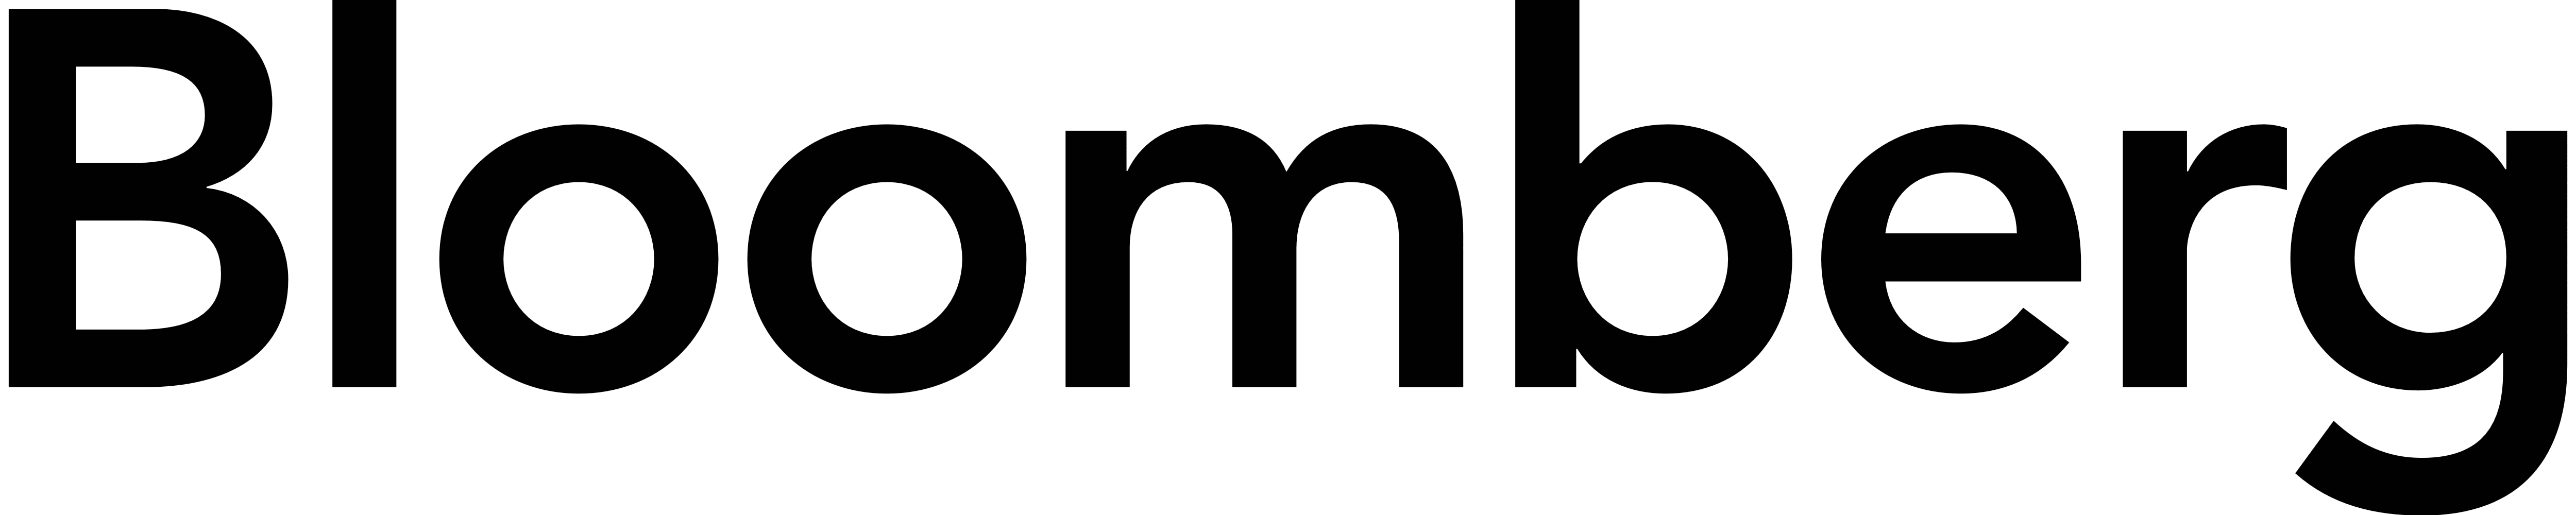 Bloomberg – Logos Download - Bloomberg Logo PNG